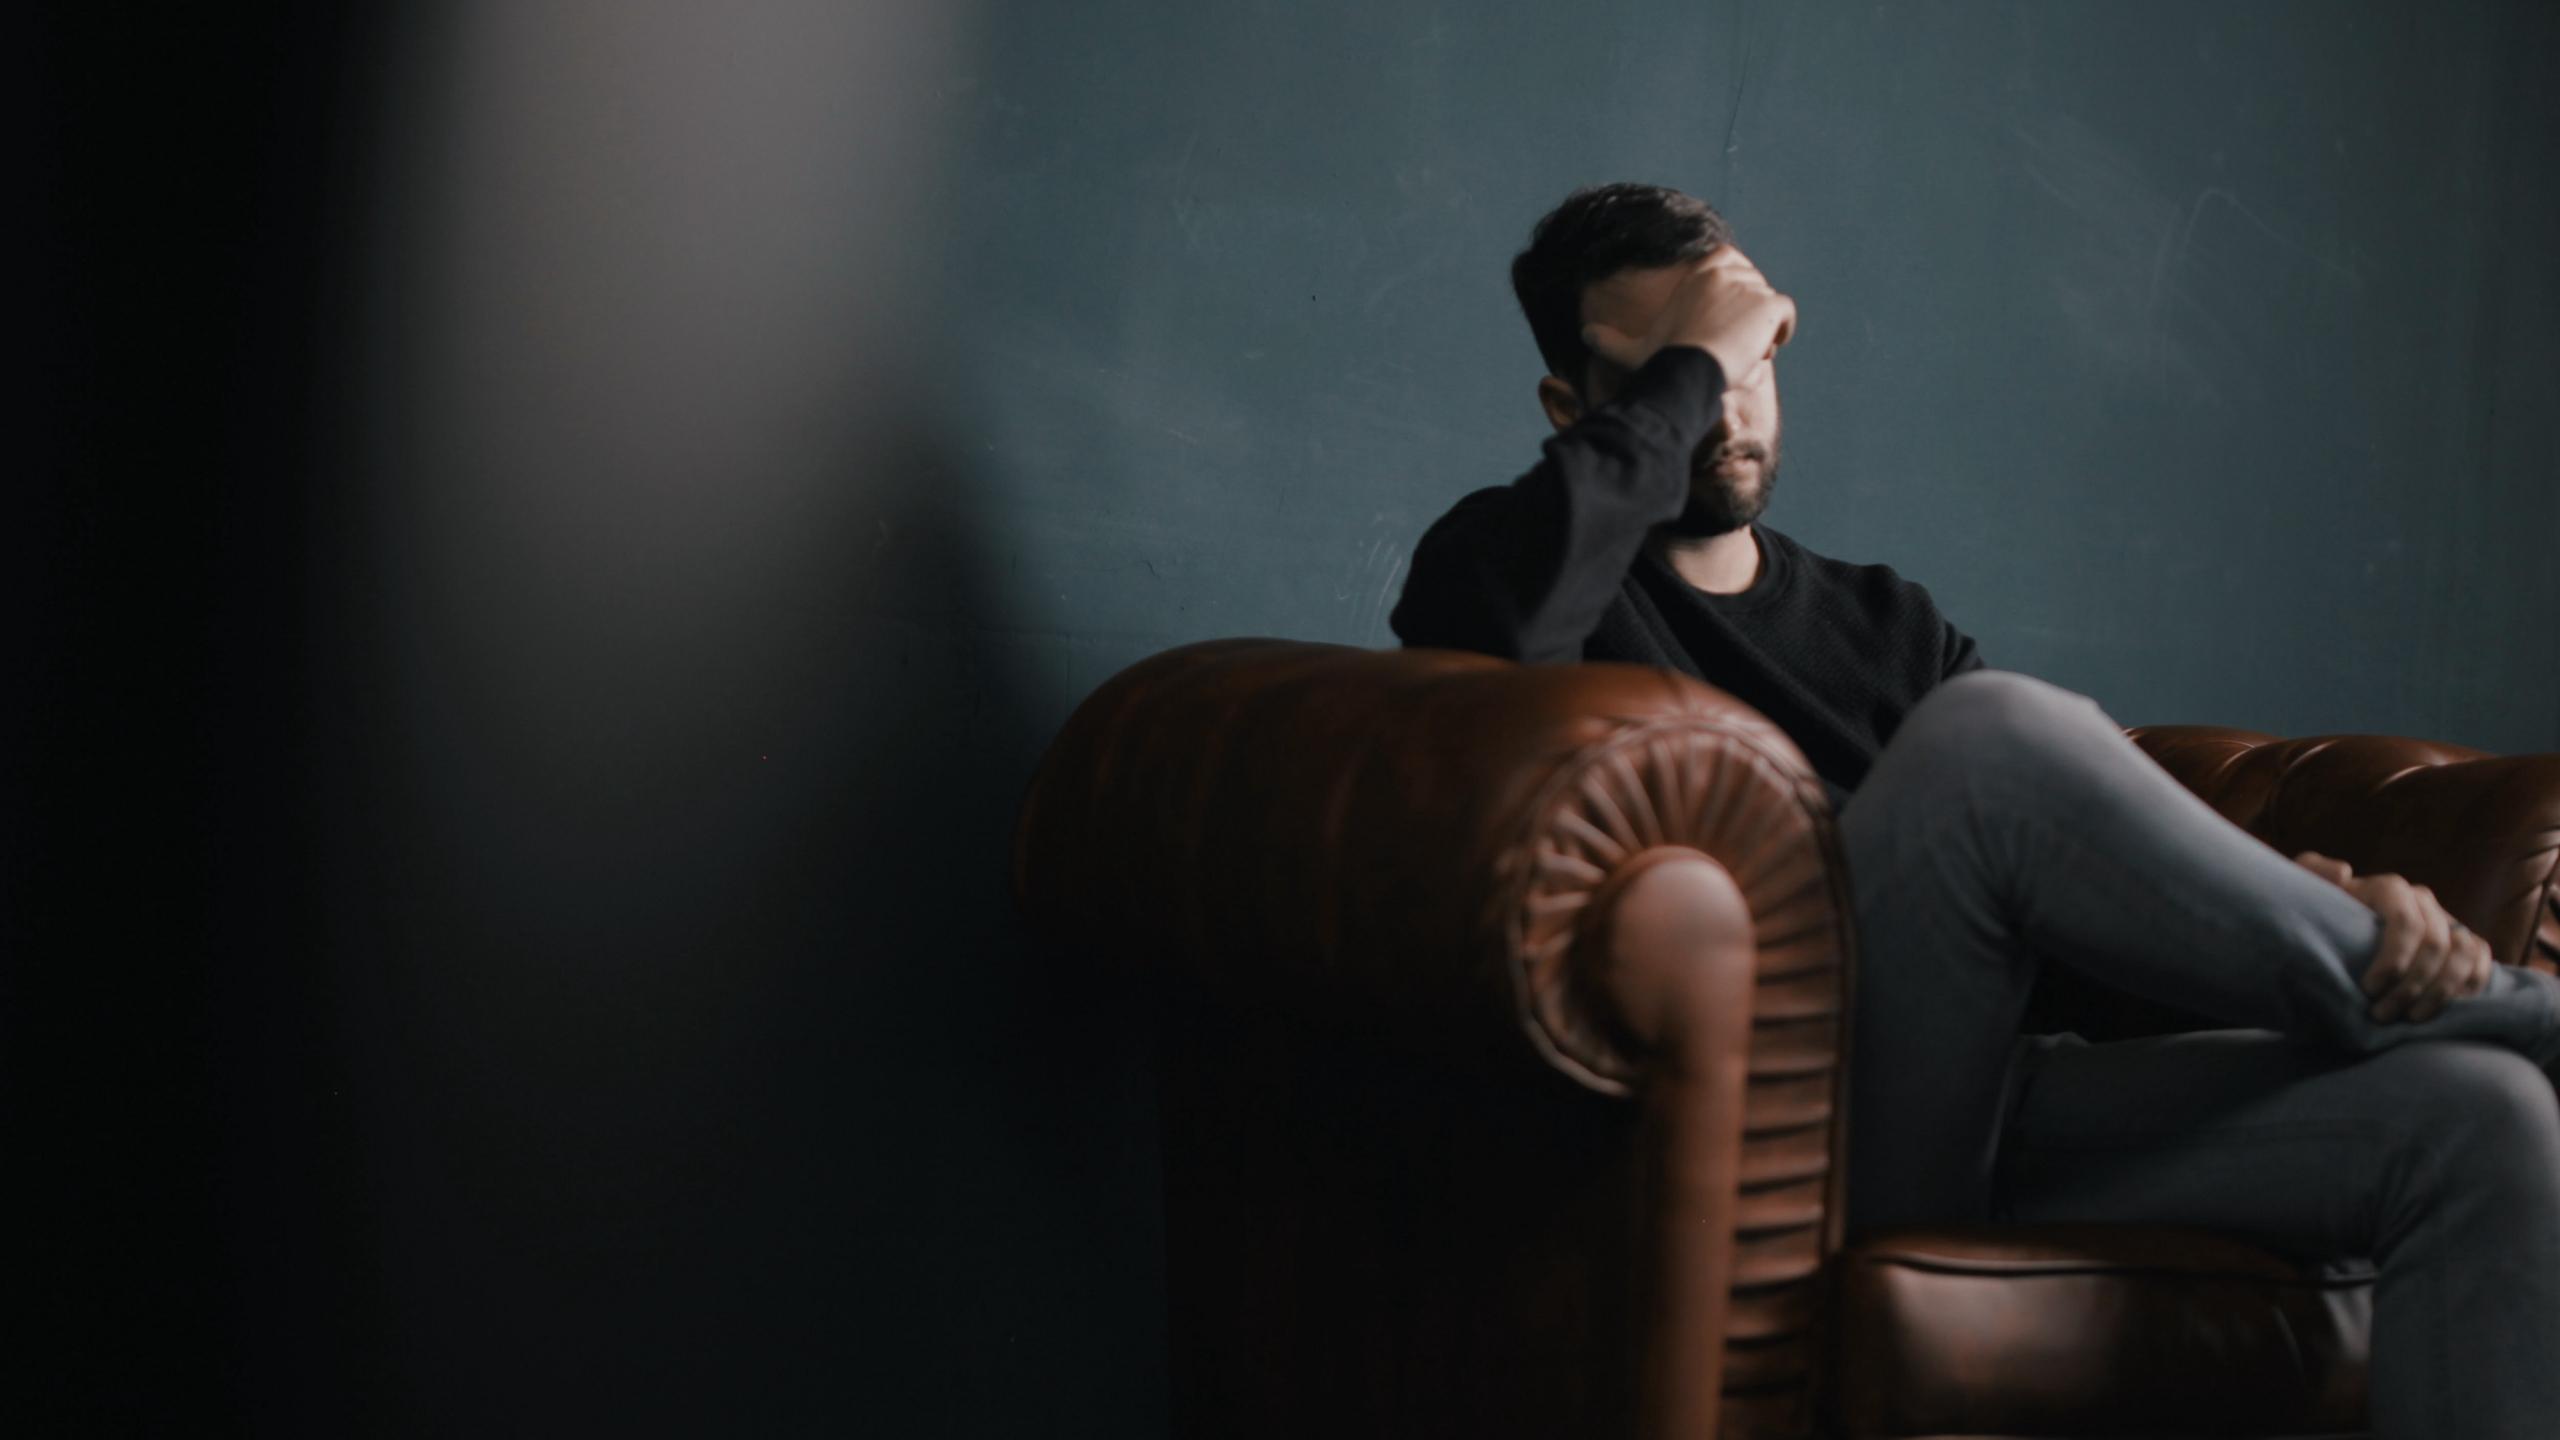 Исследователи нашли генетические причины перехода мигрени в хроническую форму